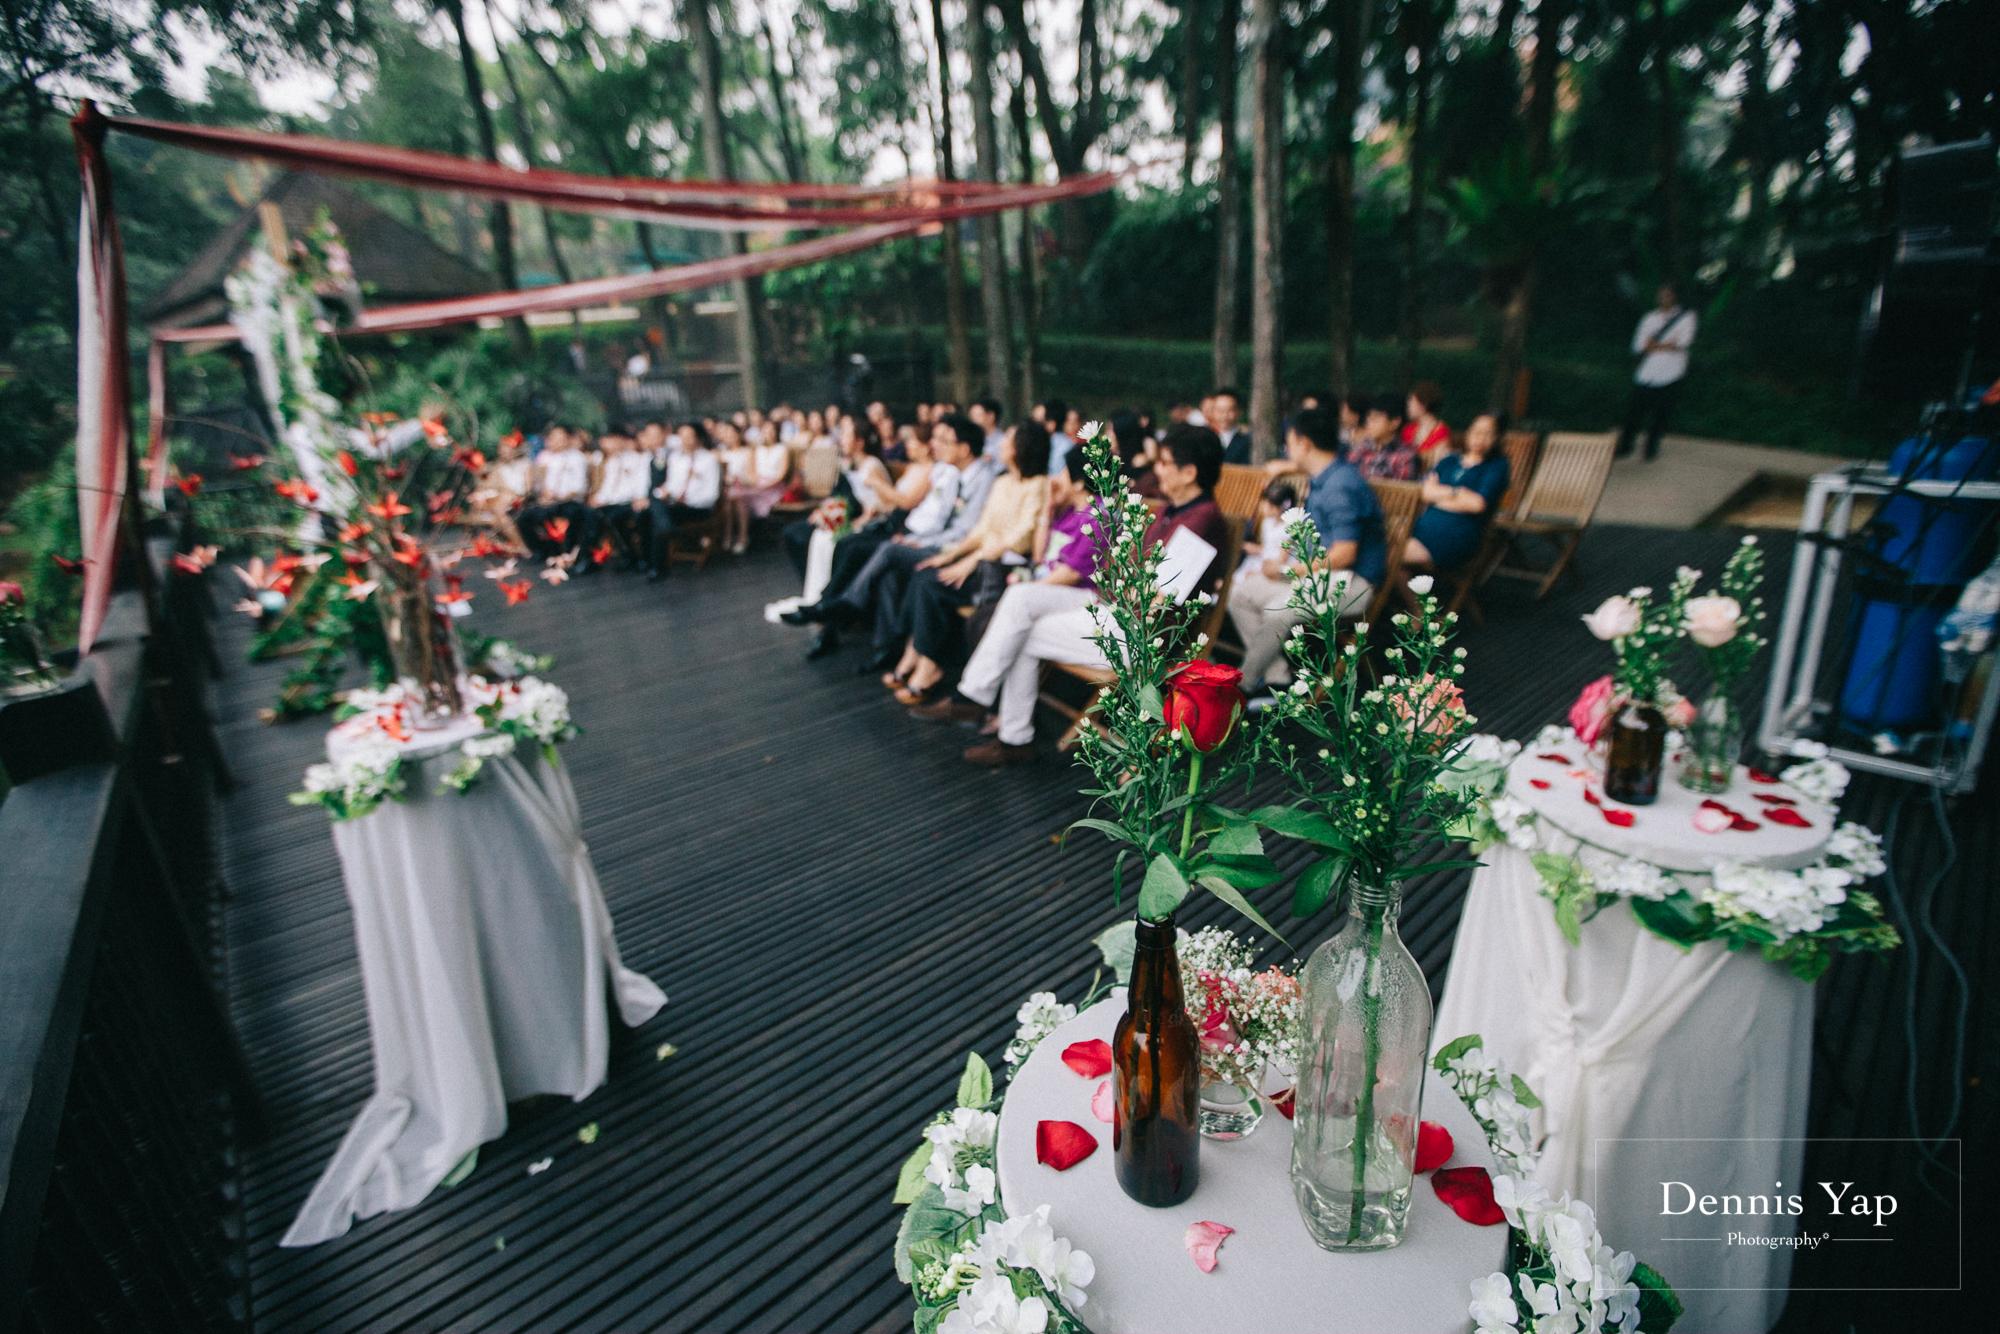 jason su lin rom registration gita bayu serdang wedding reception ceremony dennis yap photography fog malaysia-19.jpg